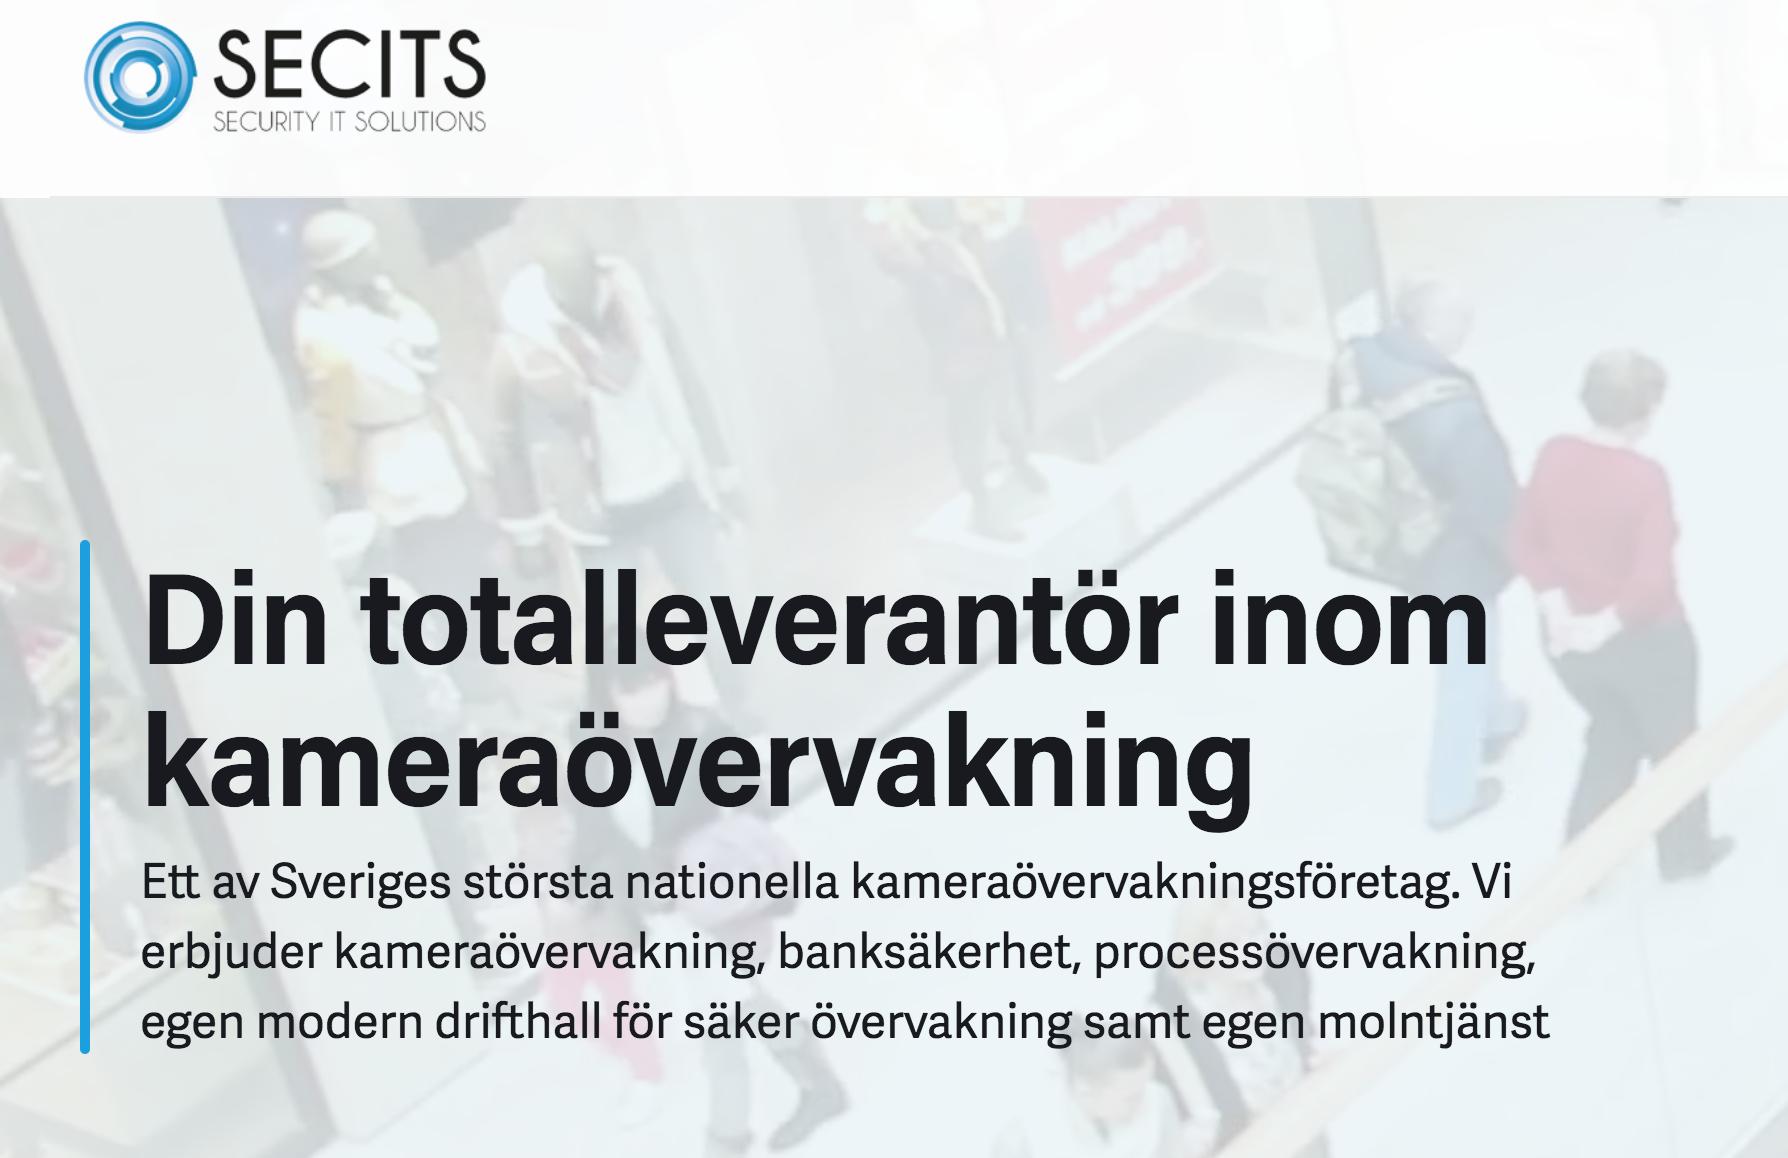 Case: Så använder SECITS Sweden AddSecures lösning för kameraövervakning